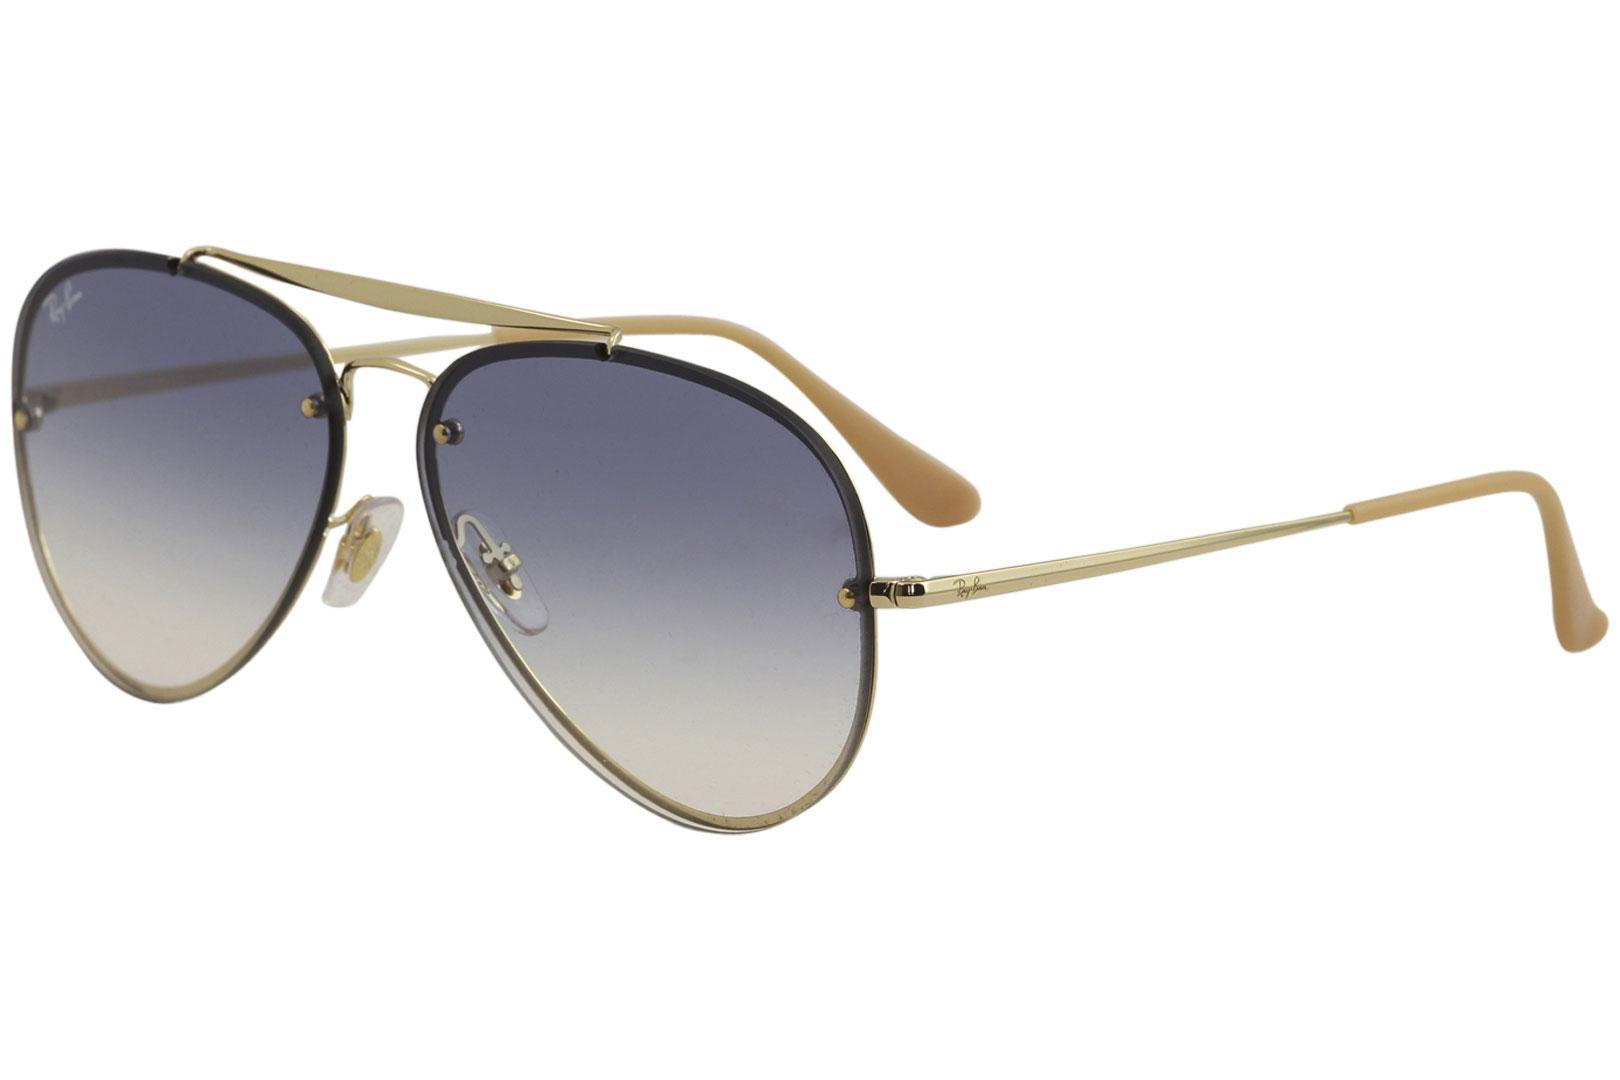 2a1da4cde44f8 Ray Ban Blaze Aviator RB3584N RB 3584 N RayBan Fashion Sunglasses